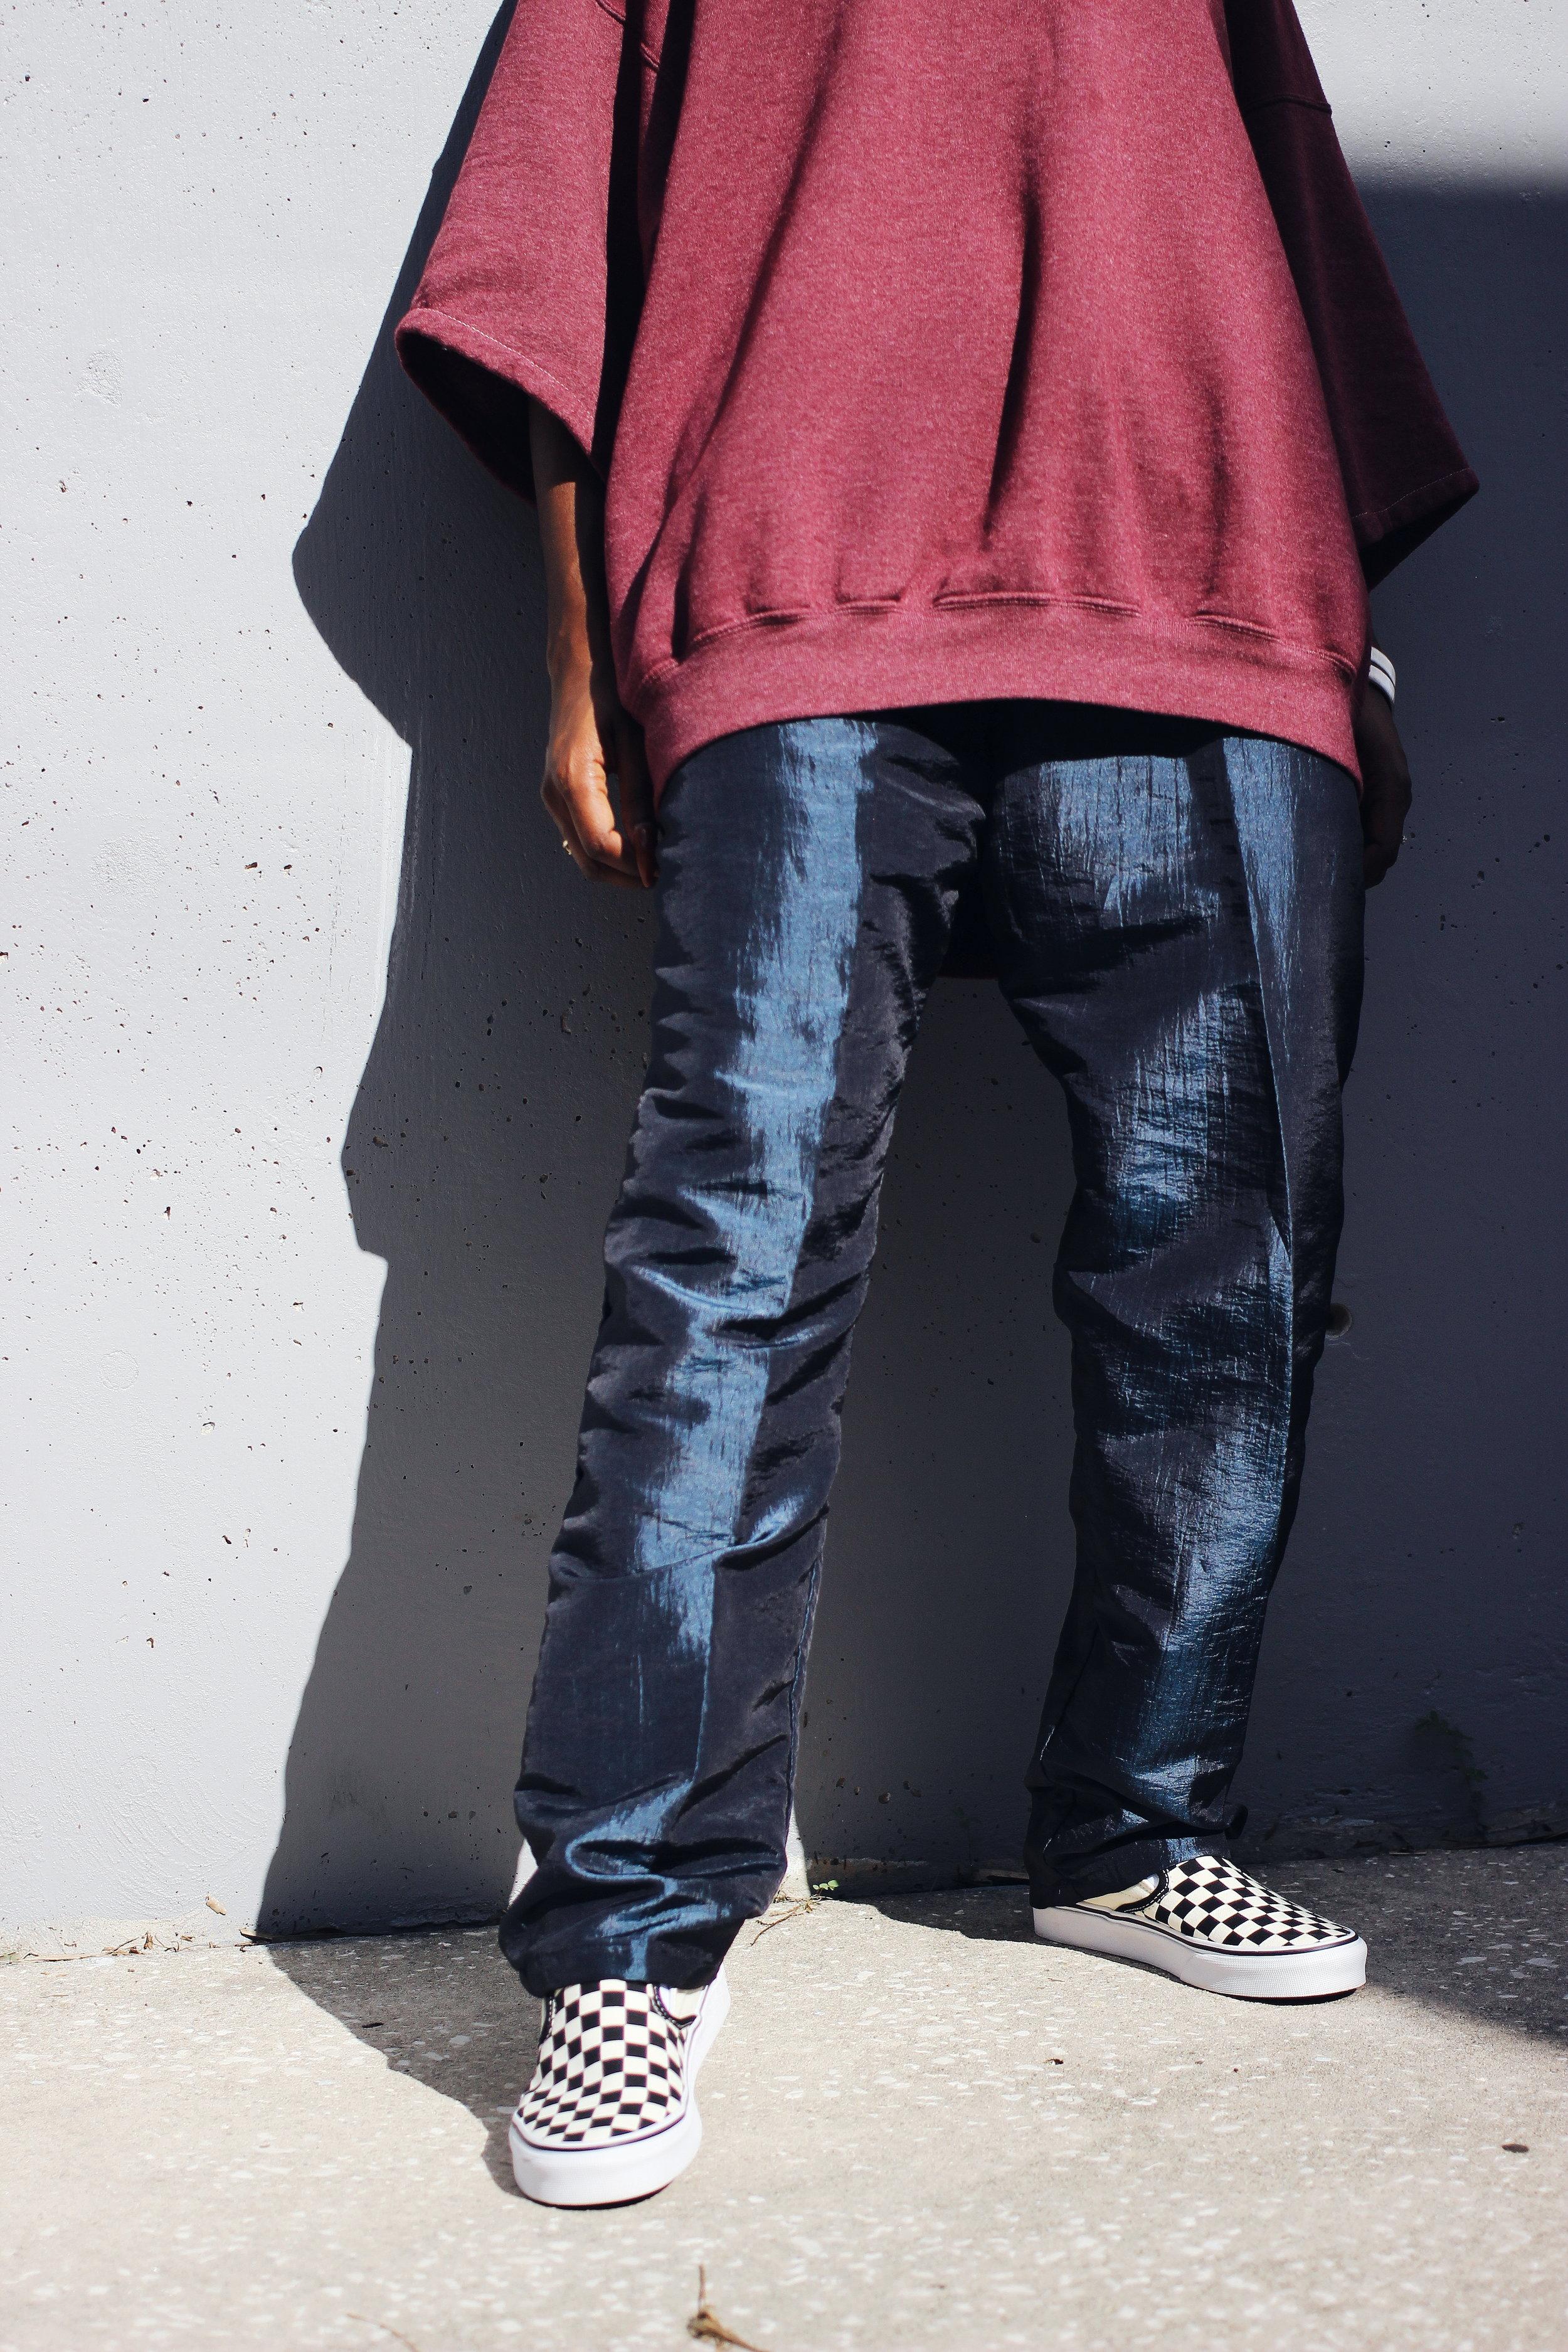 90s windbreaker pants